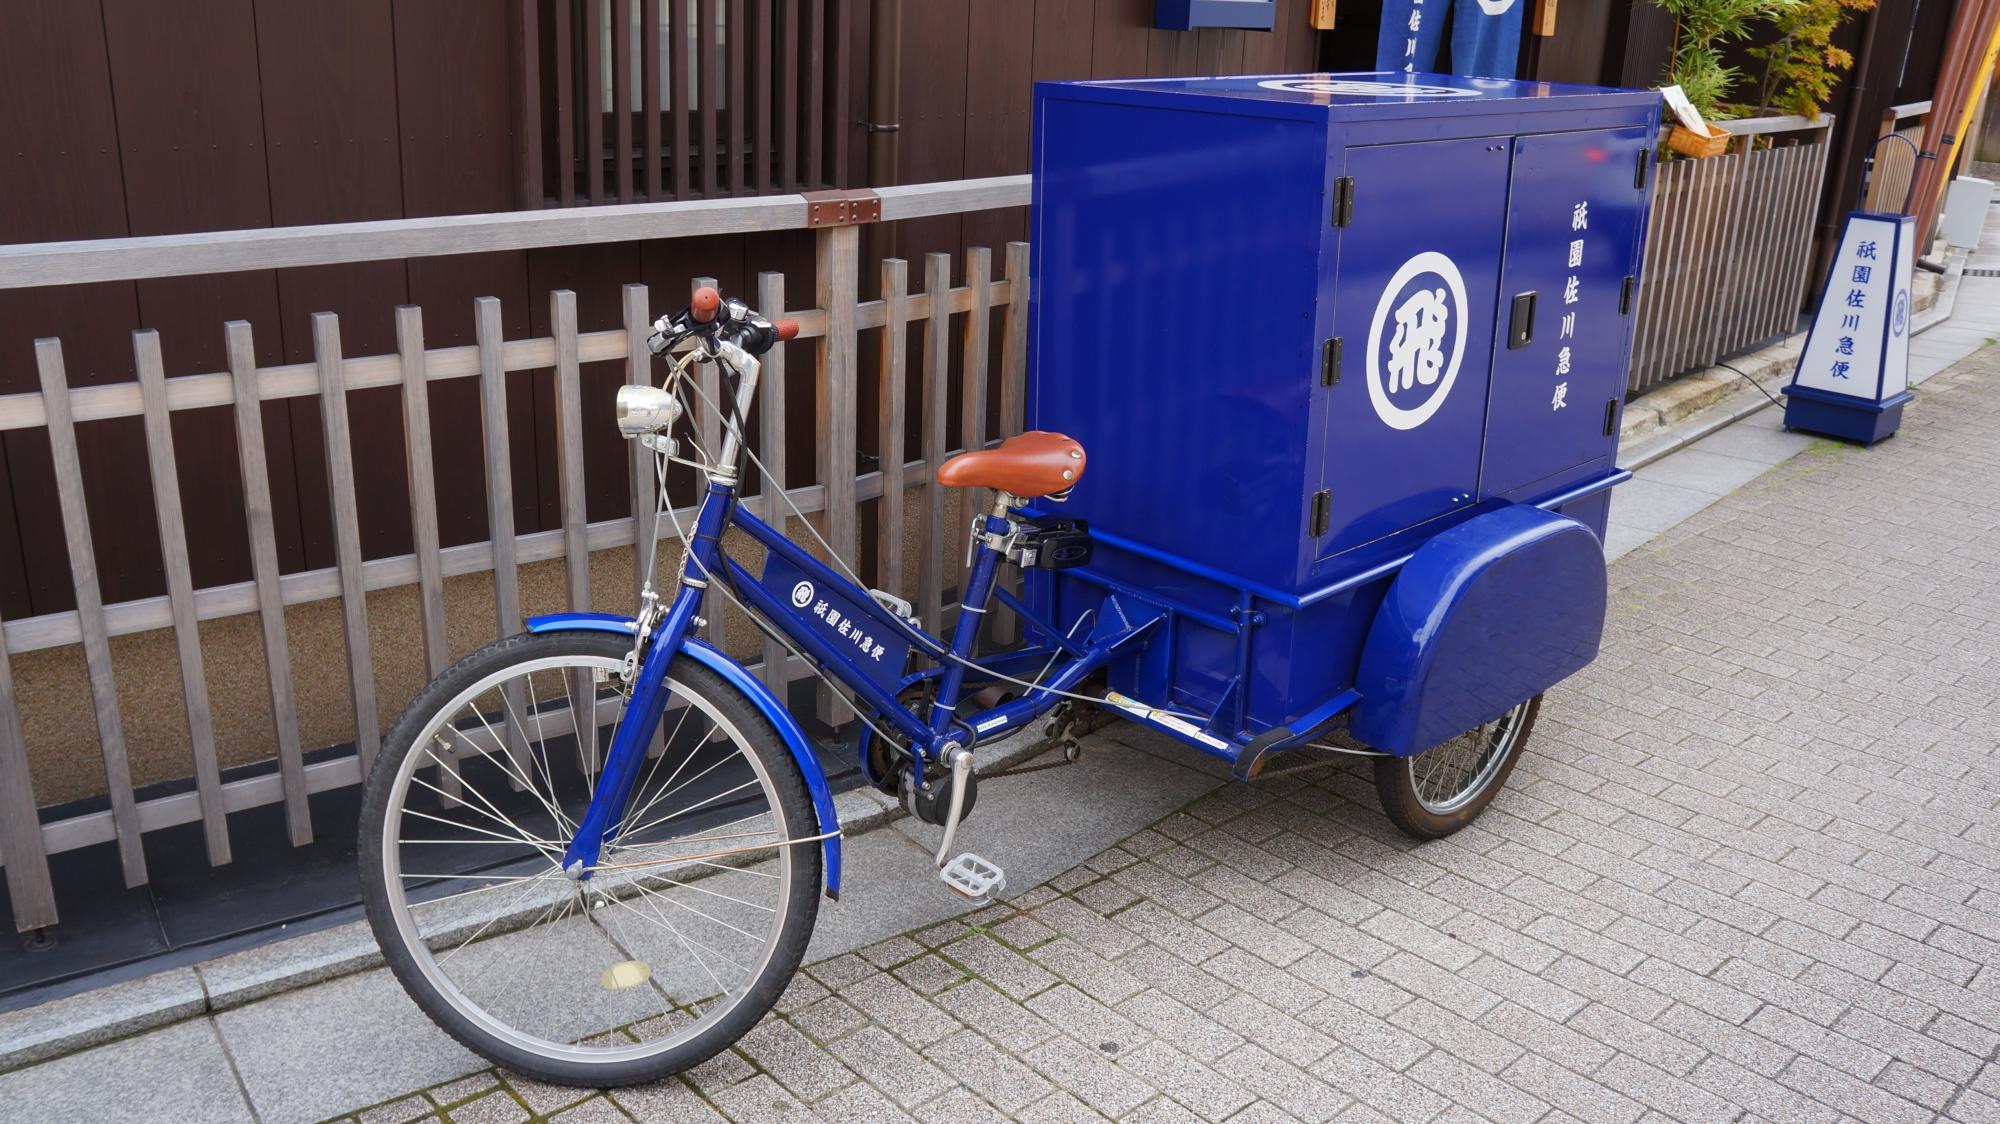 京都風の祇園佐川急便の自転車